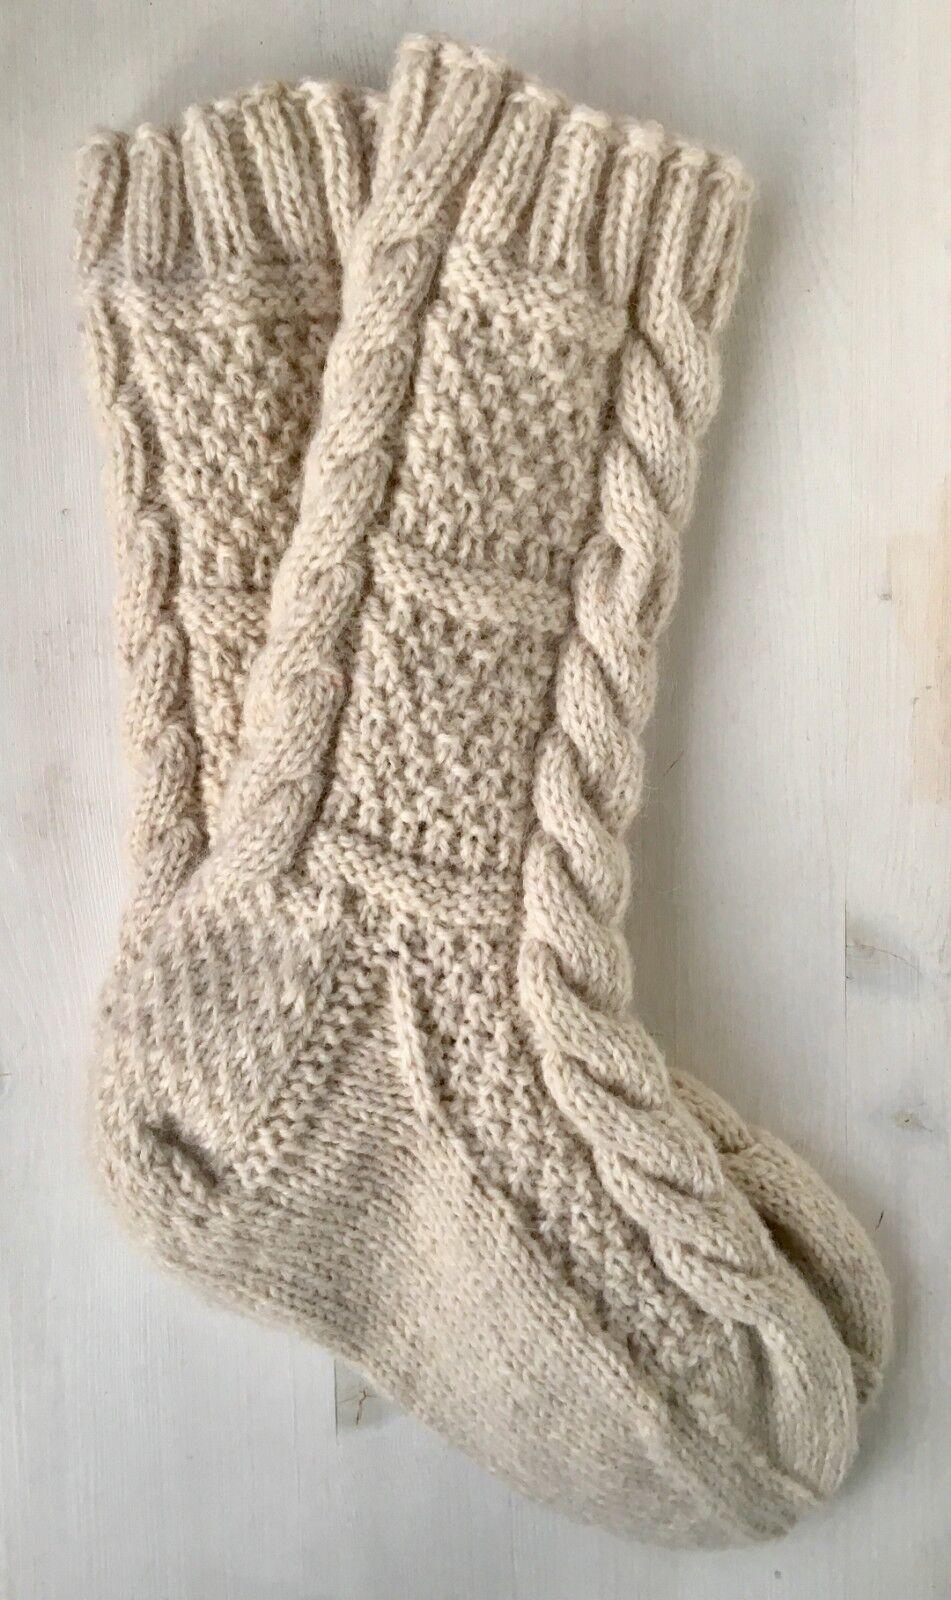 Hüttensocken Hausschuhe, Socken selbstgerstickt, Slippers, Gr 36-43. 32 cm